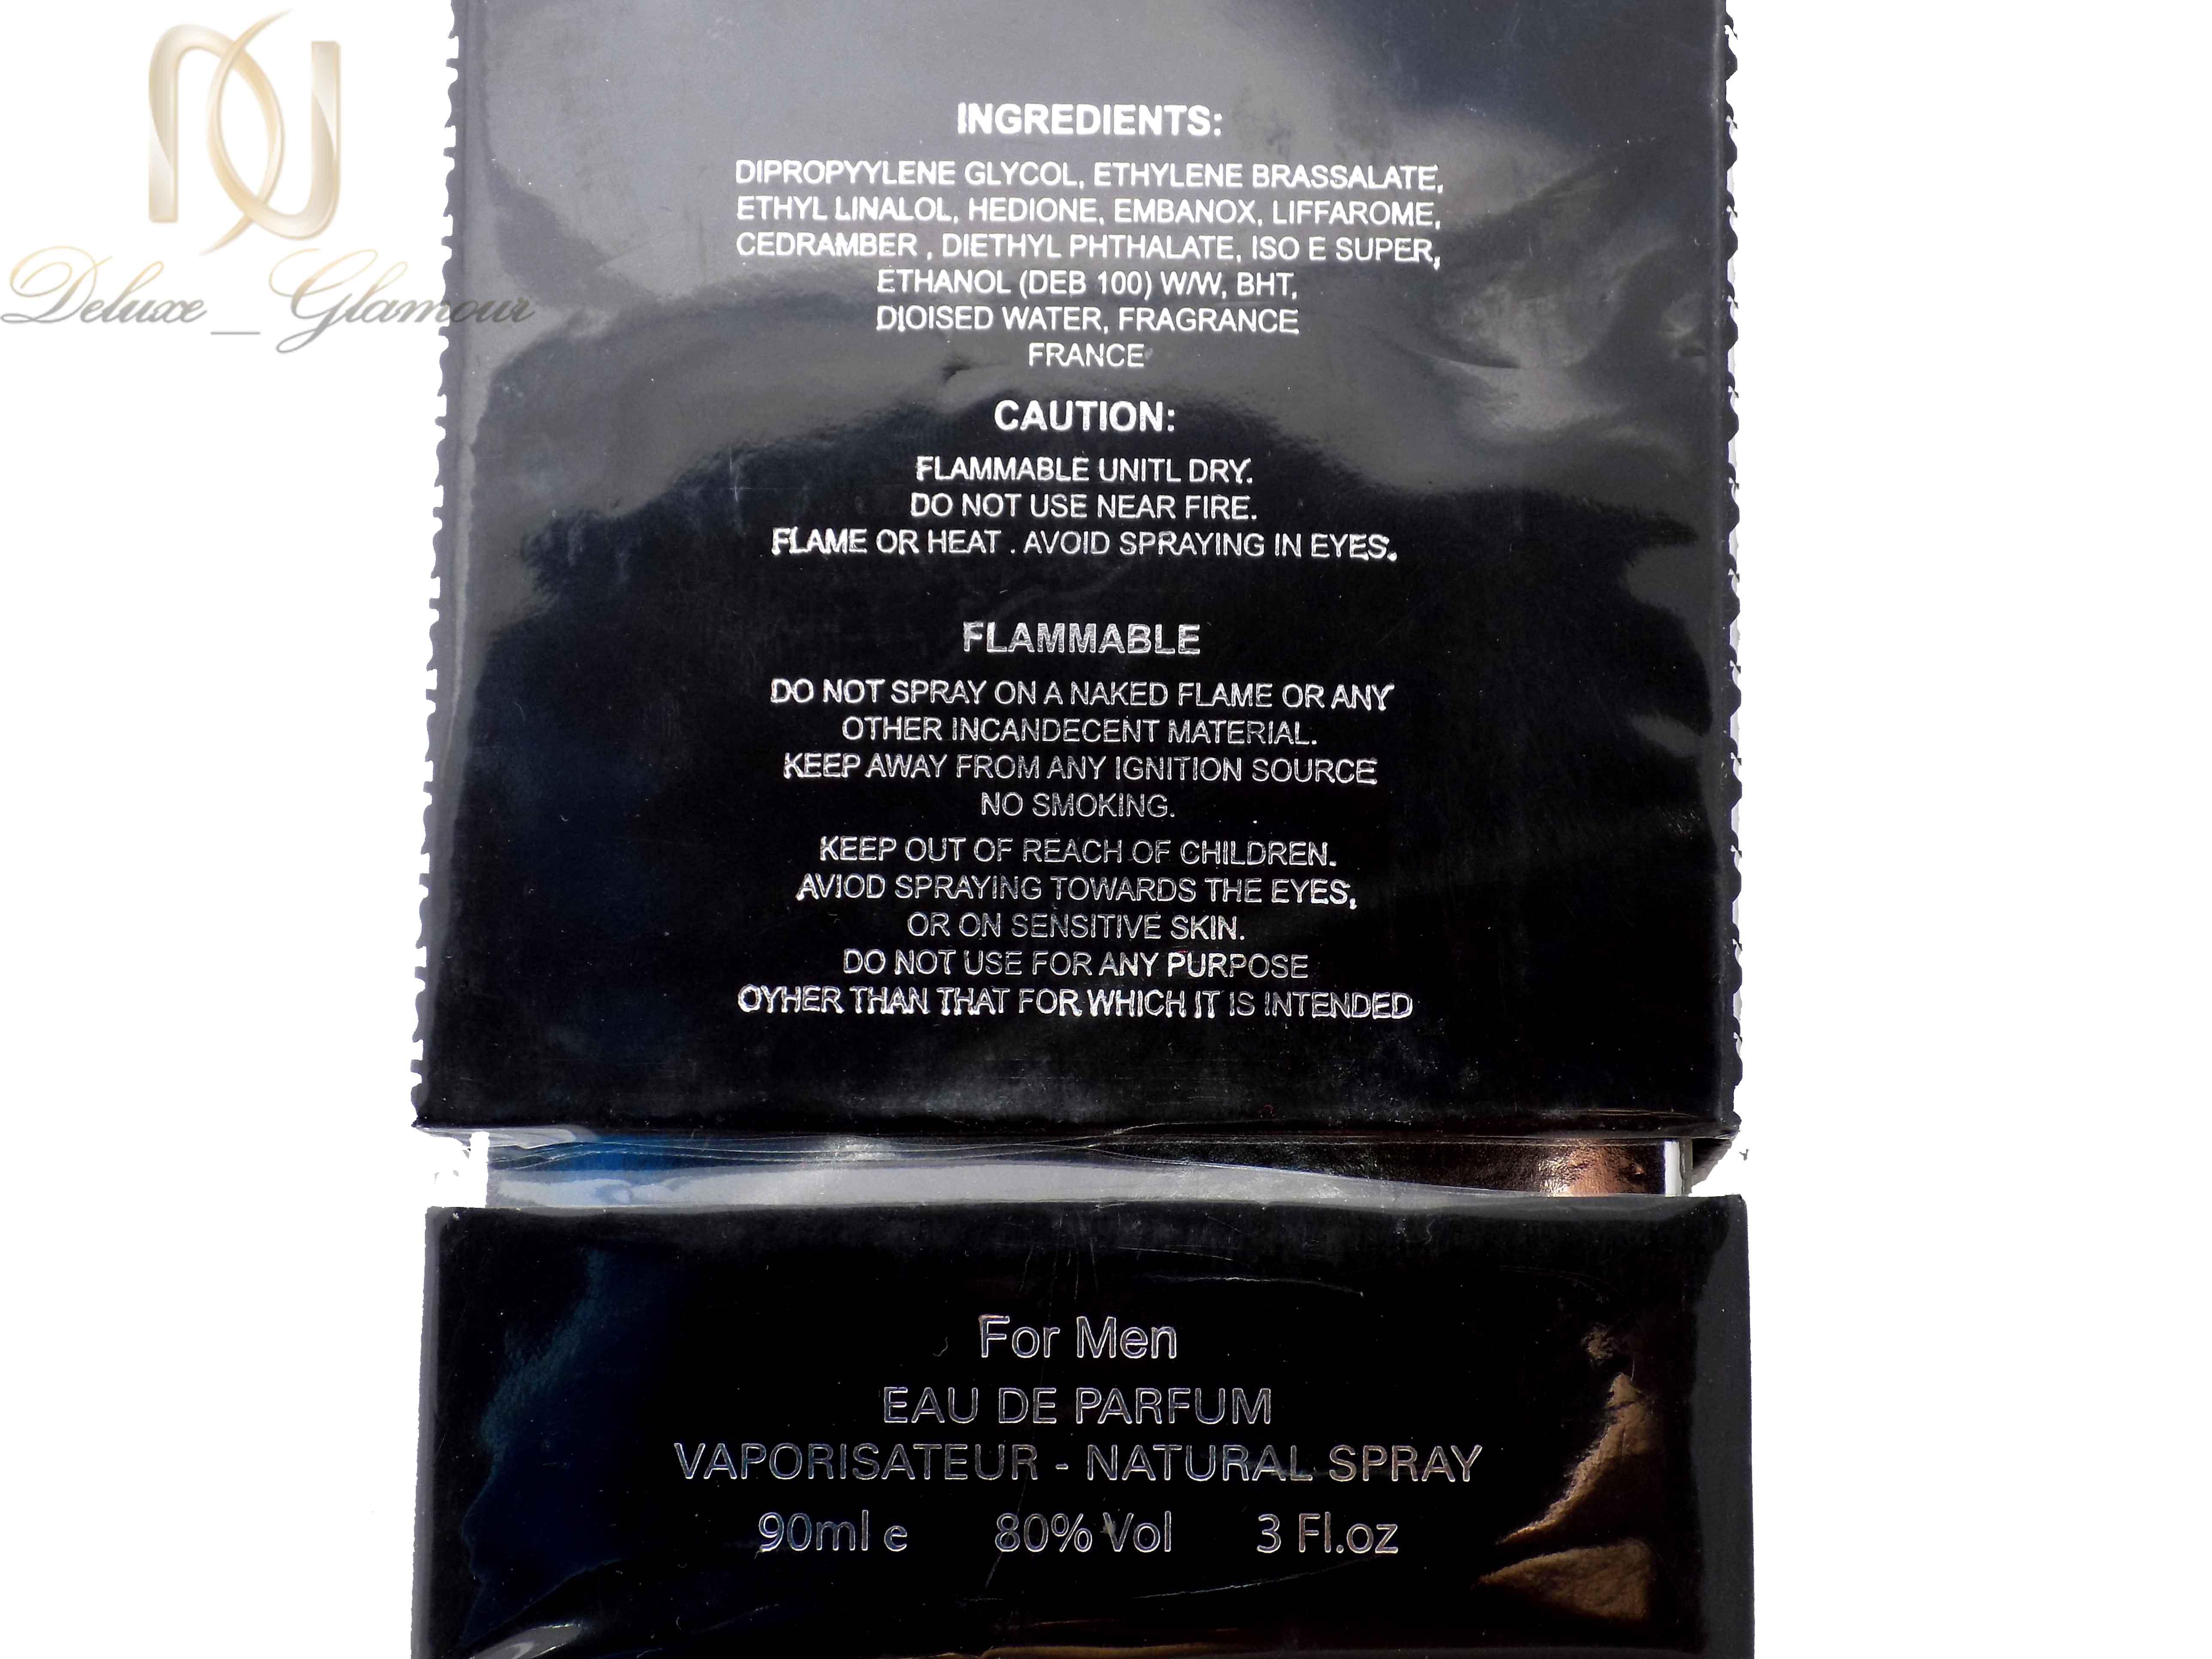 ادوپرفیوم مردانه بلک مارین woodlike نود میلی از نمای پشت